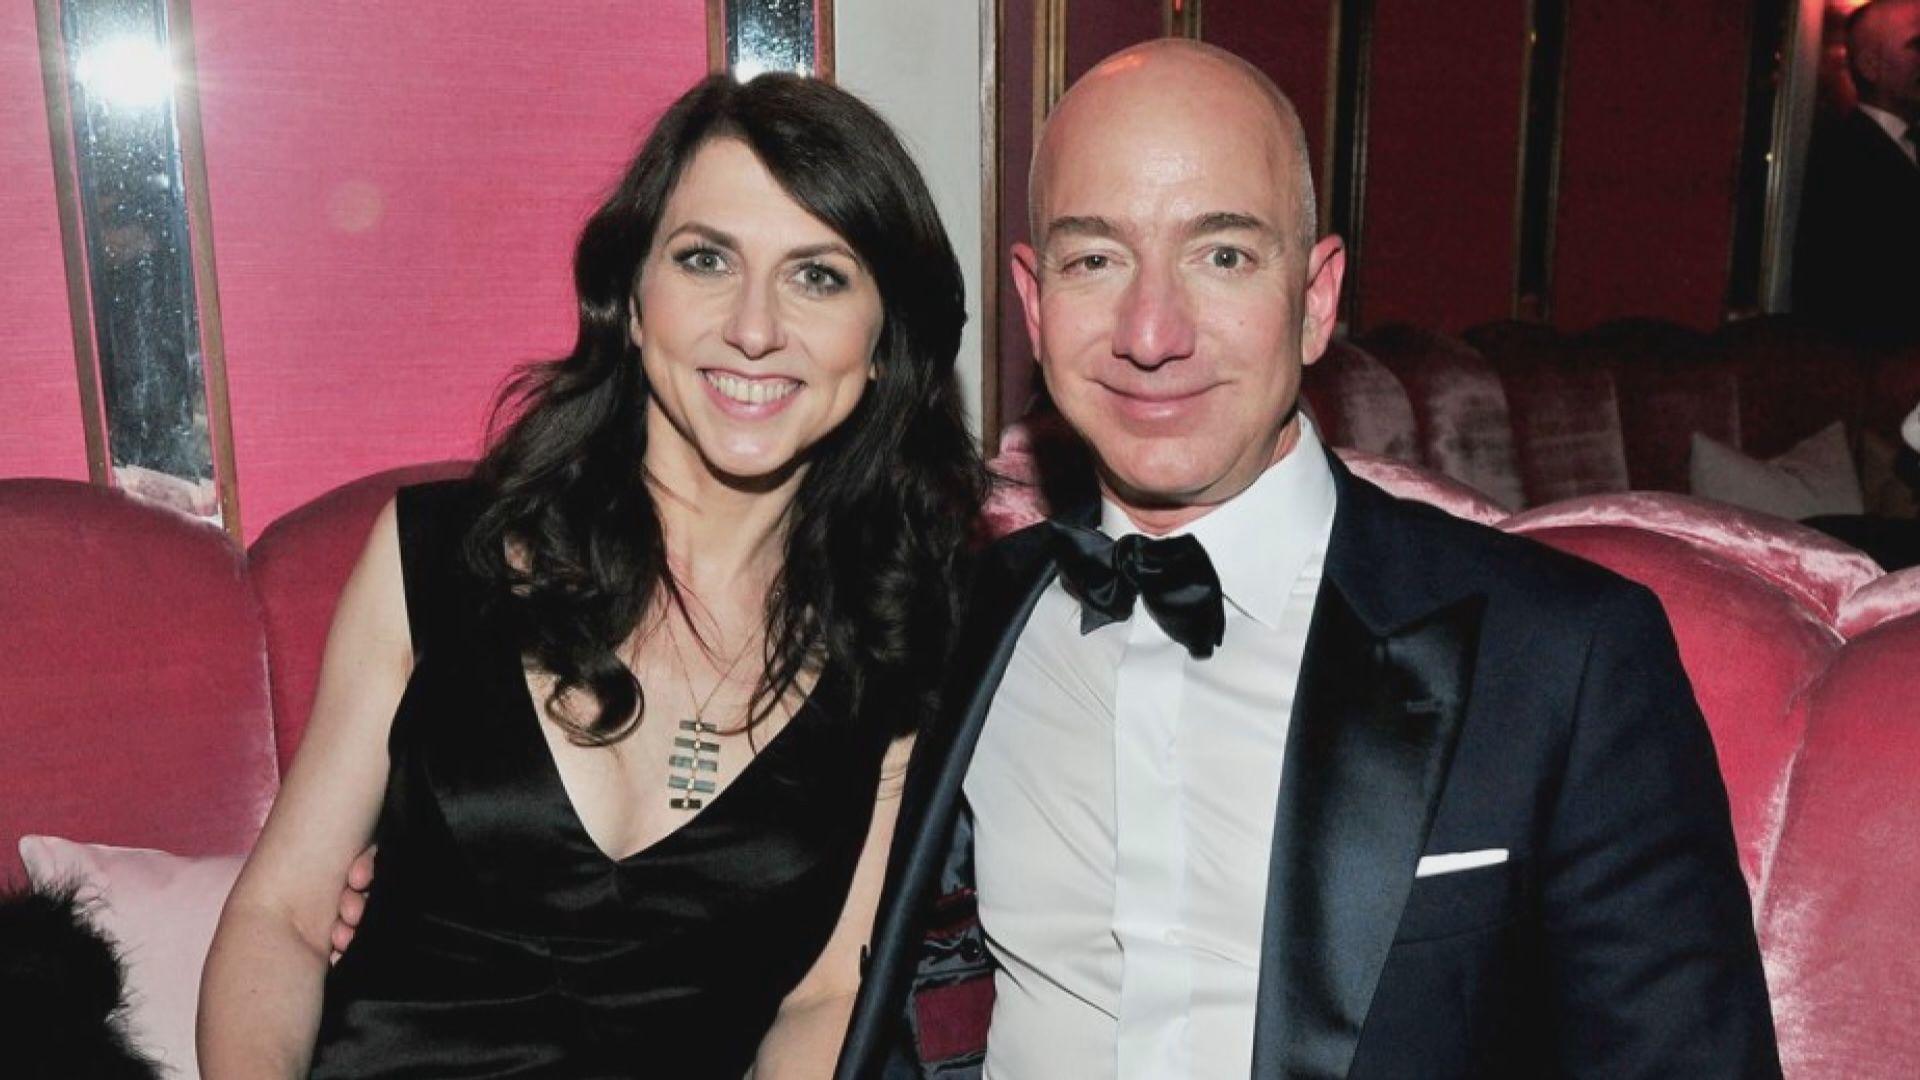 亞馬遜創辦人貝索斯妻子離婚後成為全球第三女富豪